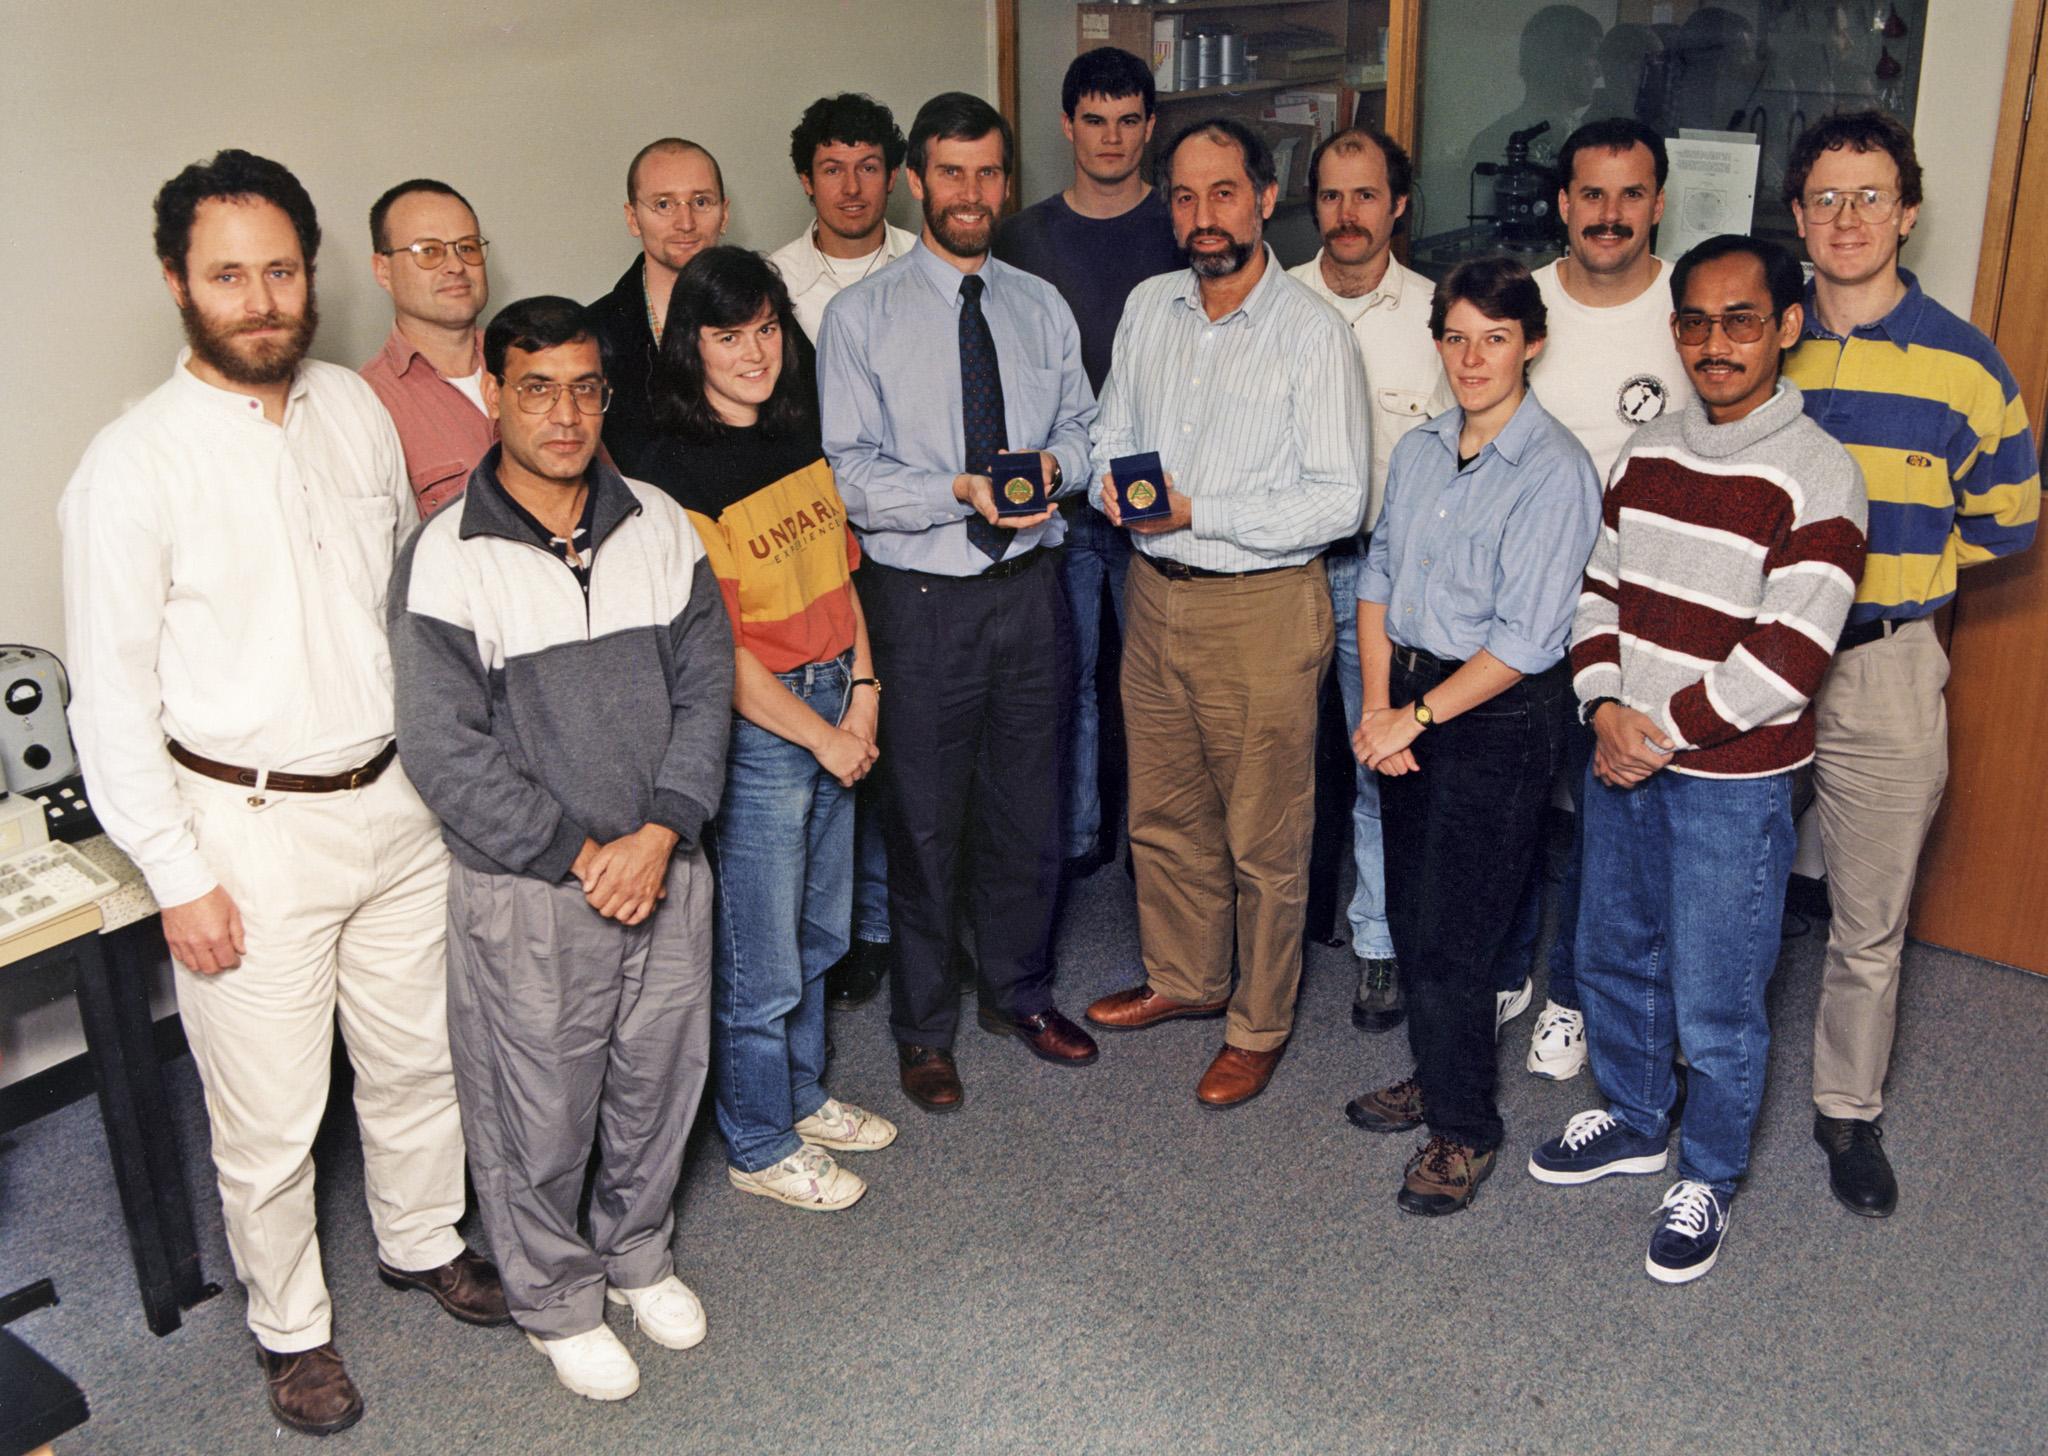 La Trobe Fission Track Research Group 1997